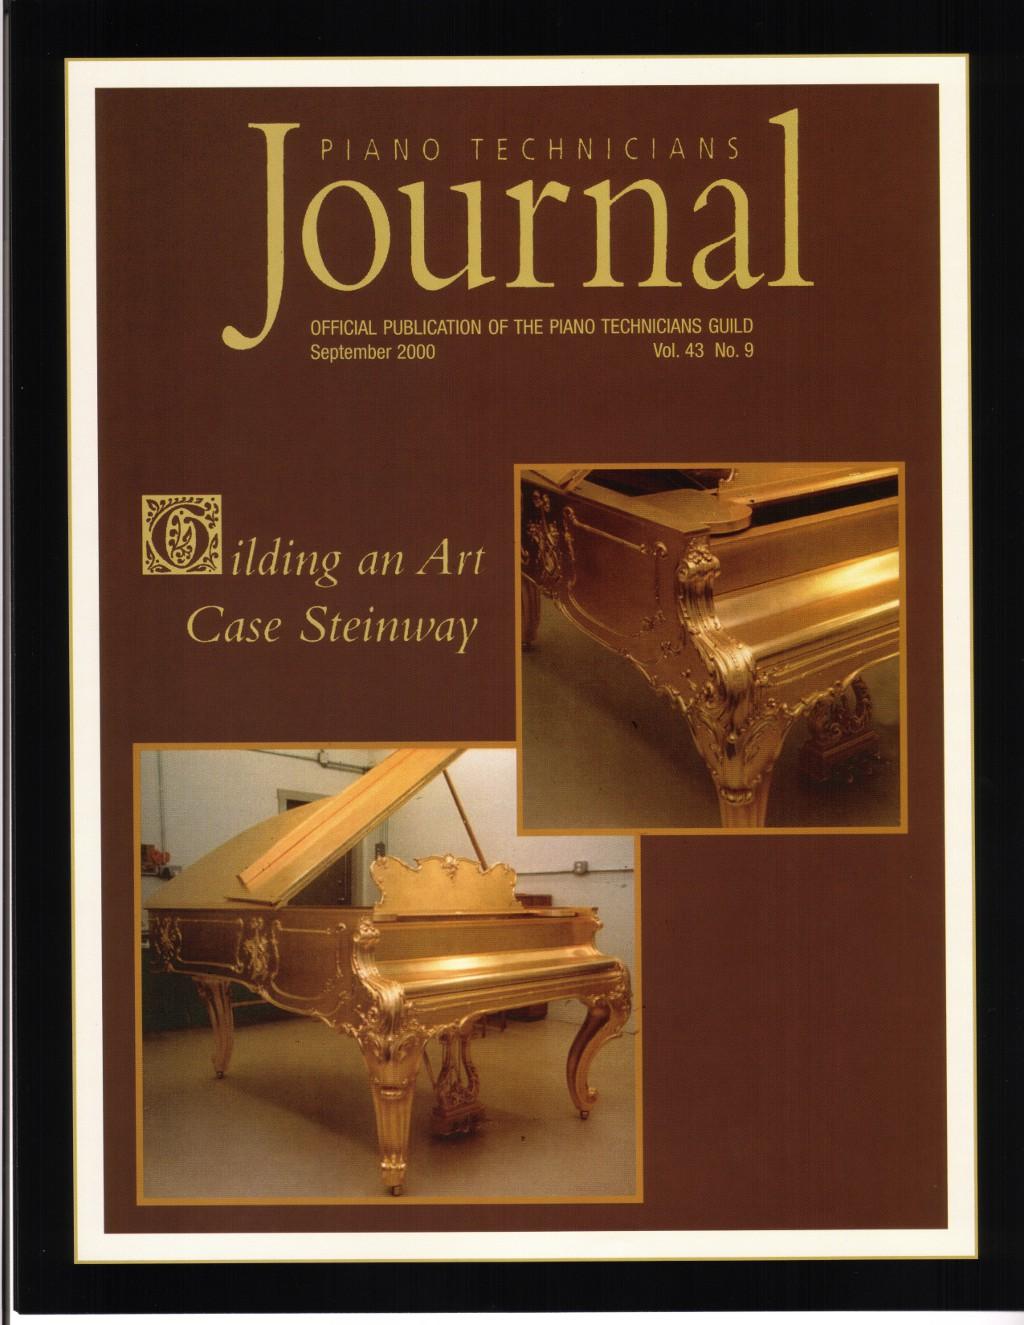 gold-piano-technician-journal